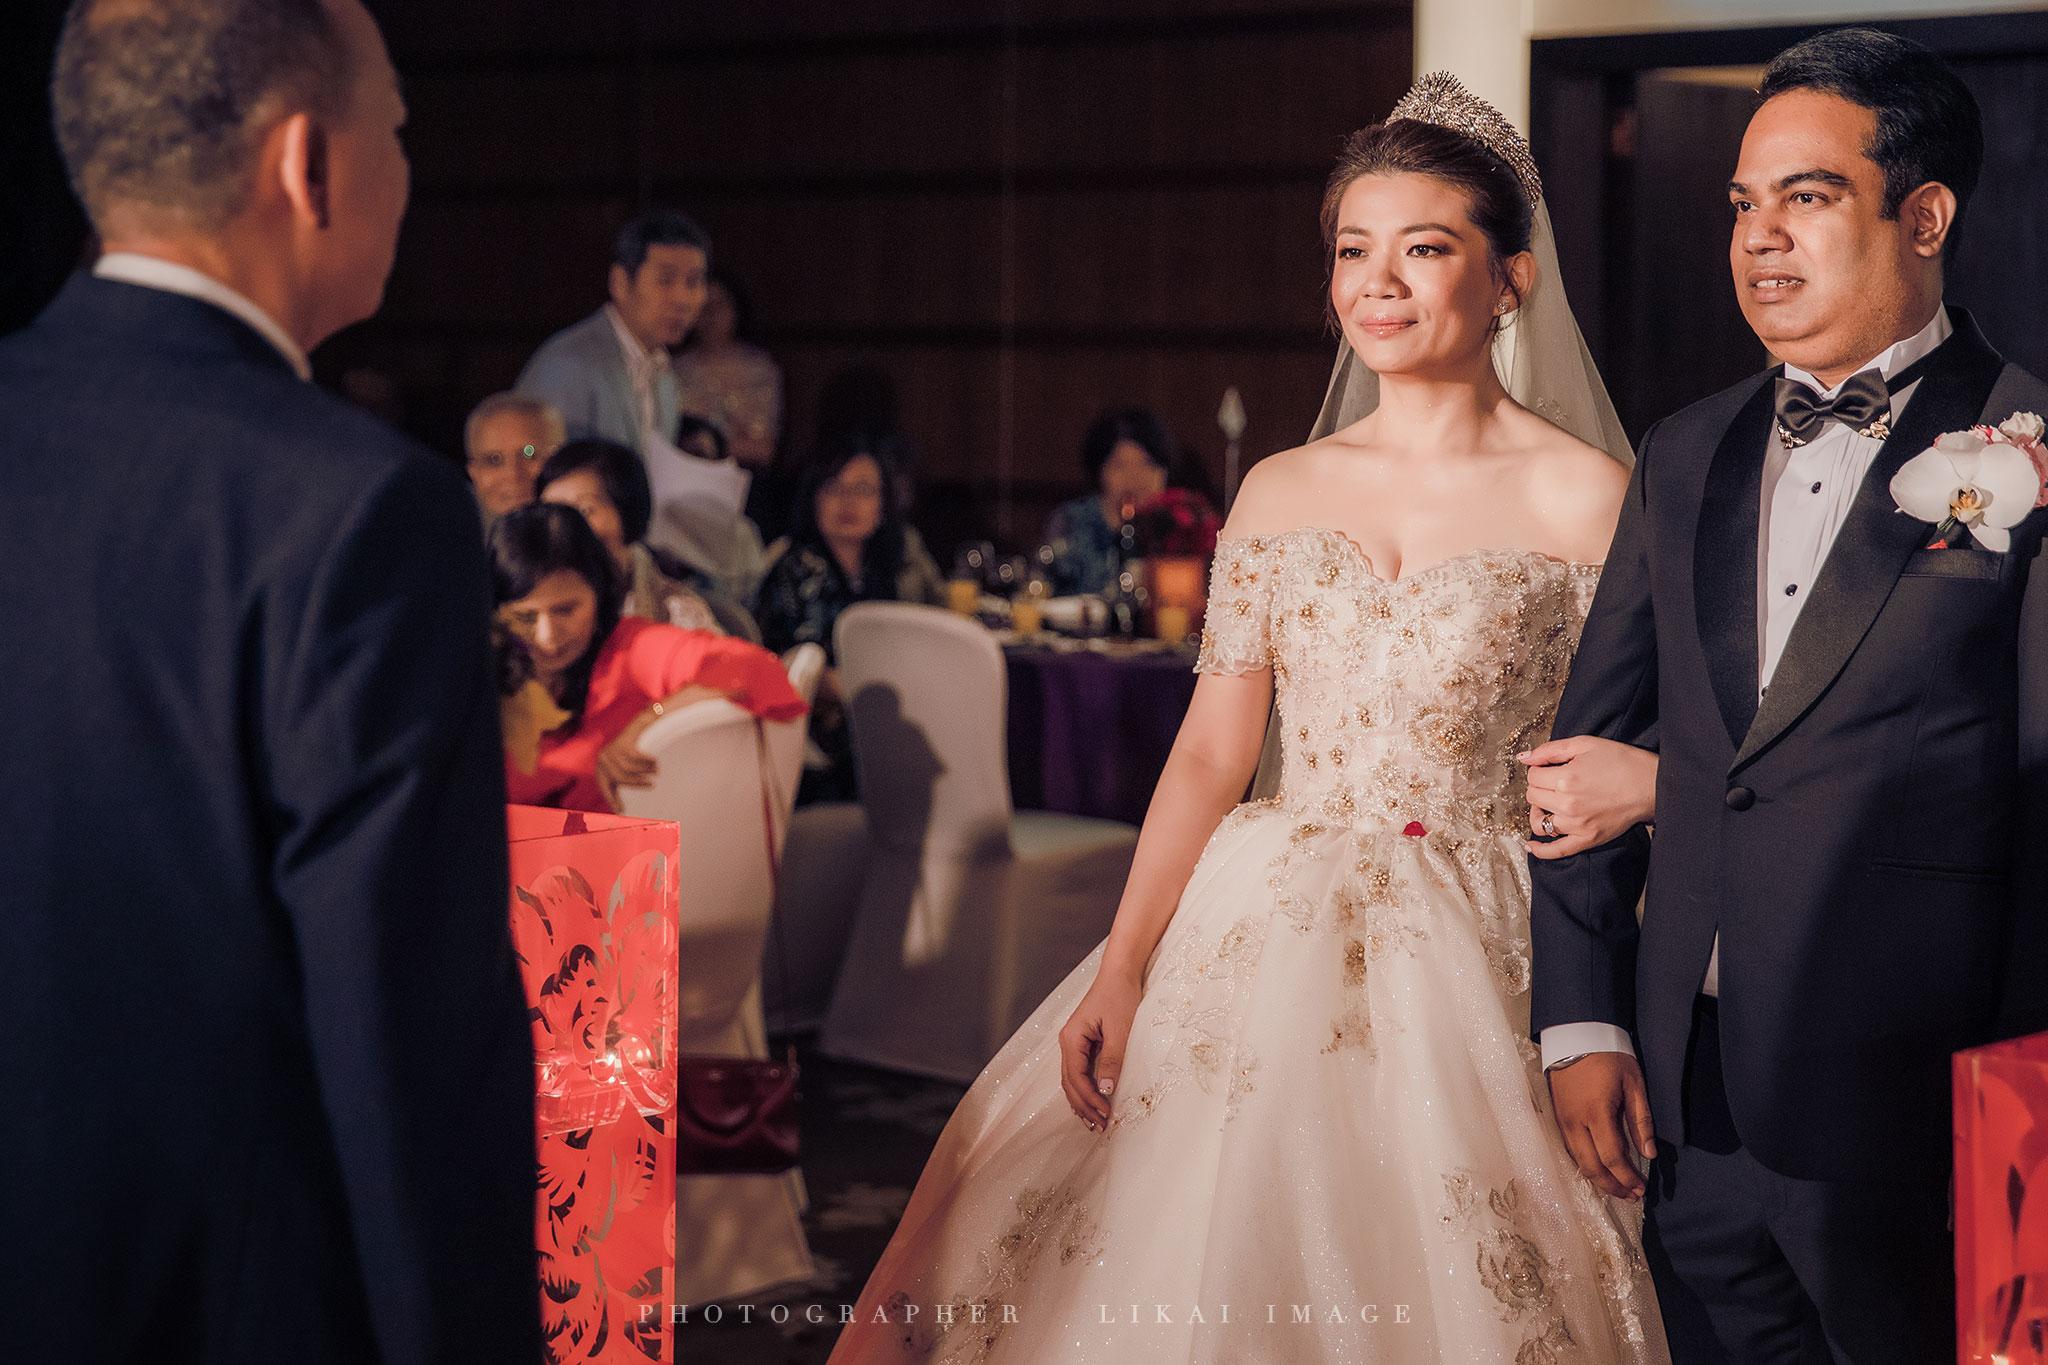 婚禮紀錄 - Dana & Vibhore - 故宮晶華